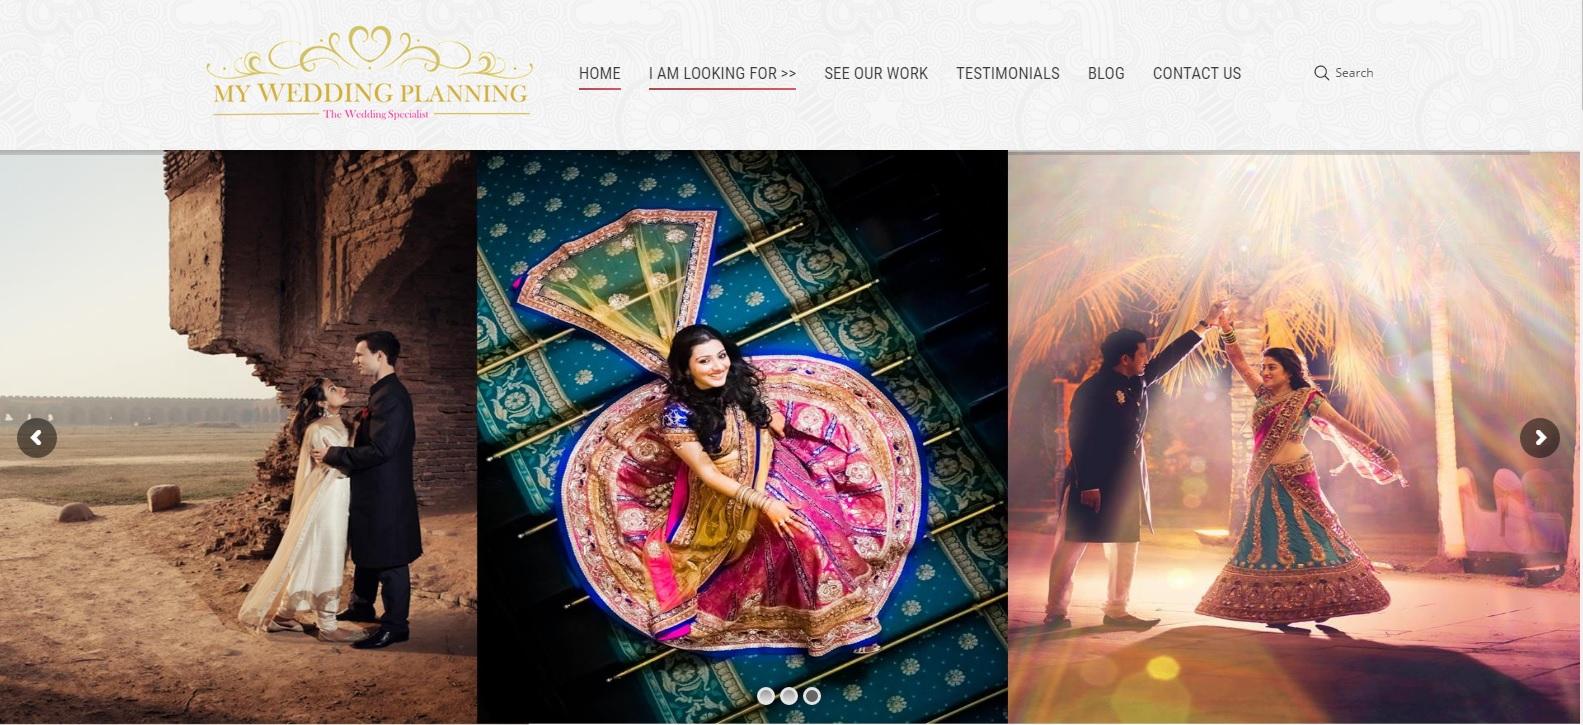 Online Wedding Planner Website In India,3